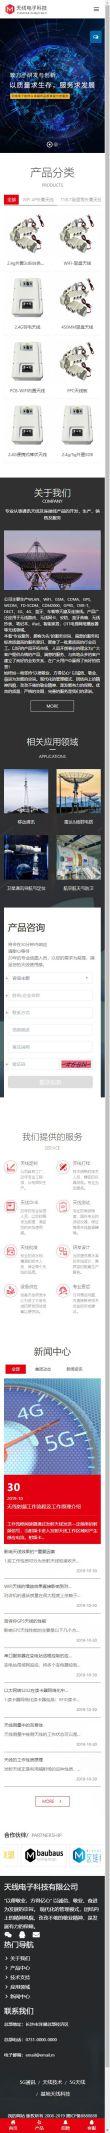 基站天线公司网站模板,基站天线公司网页模板,基站天线公司响应式网站模板